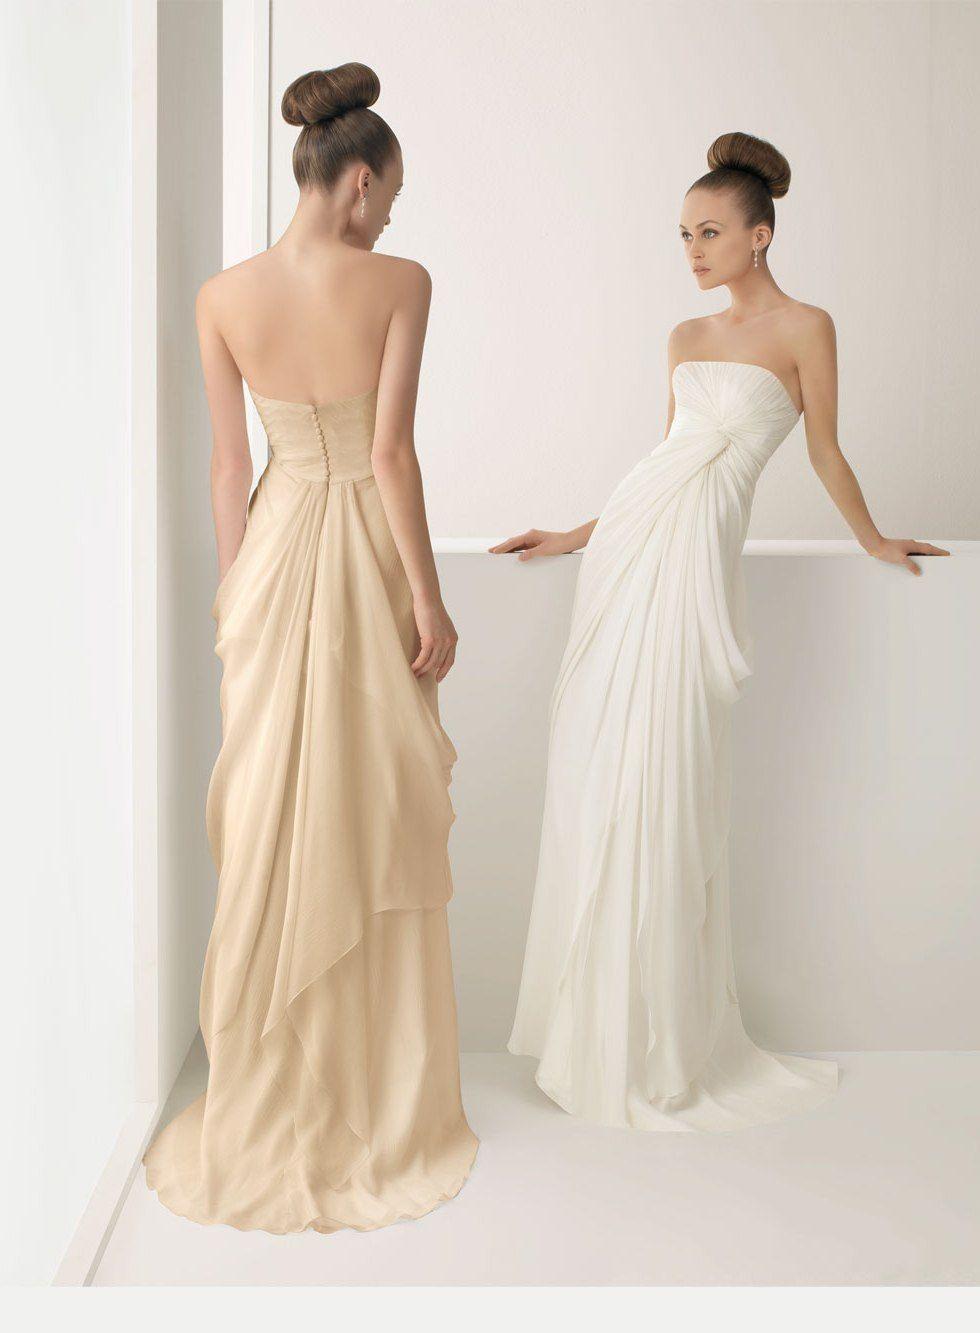 20 Einzigartig Abendkleidung für 201913 Schön Abendkleidung Galerie